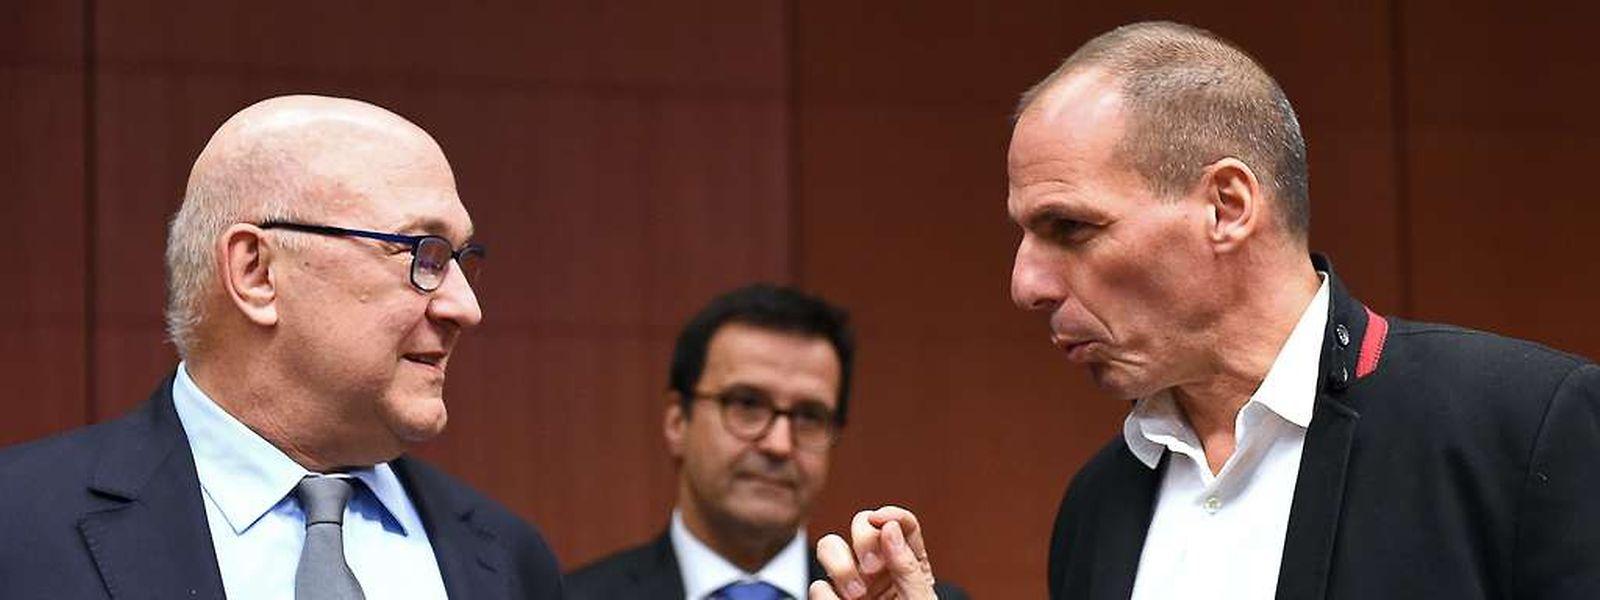 Der griechische Finanzminister Yanis Varoufakis spricht mit seinem französischen Amtskollegen Michel Sapin.